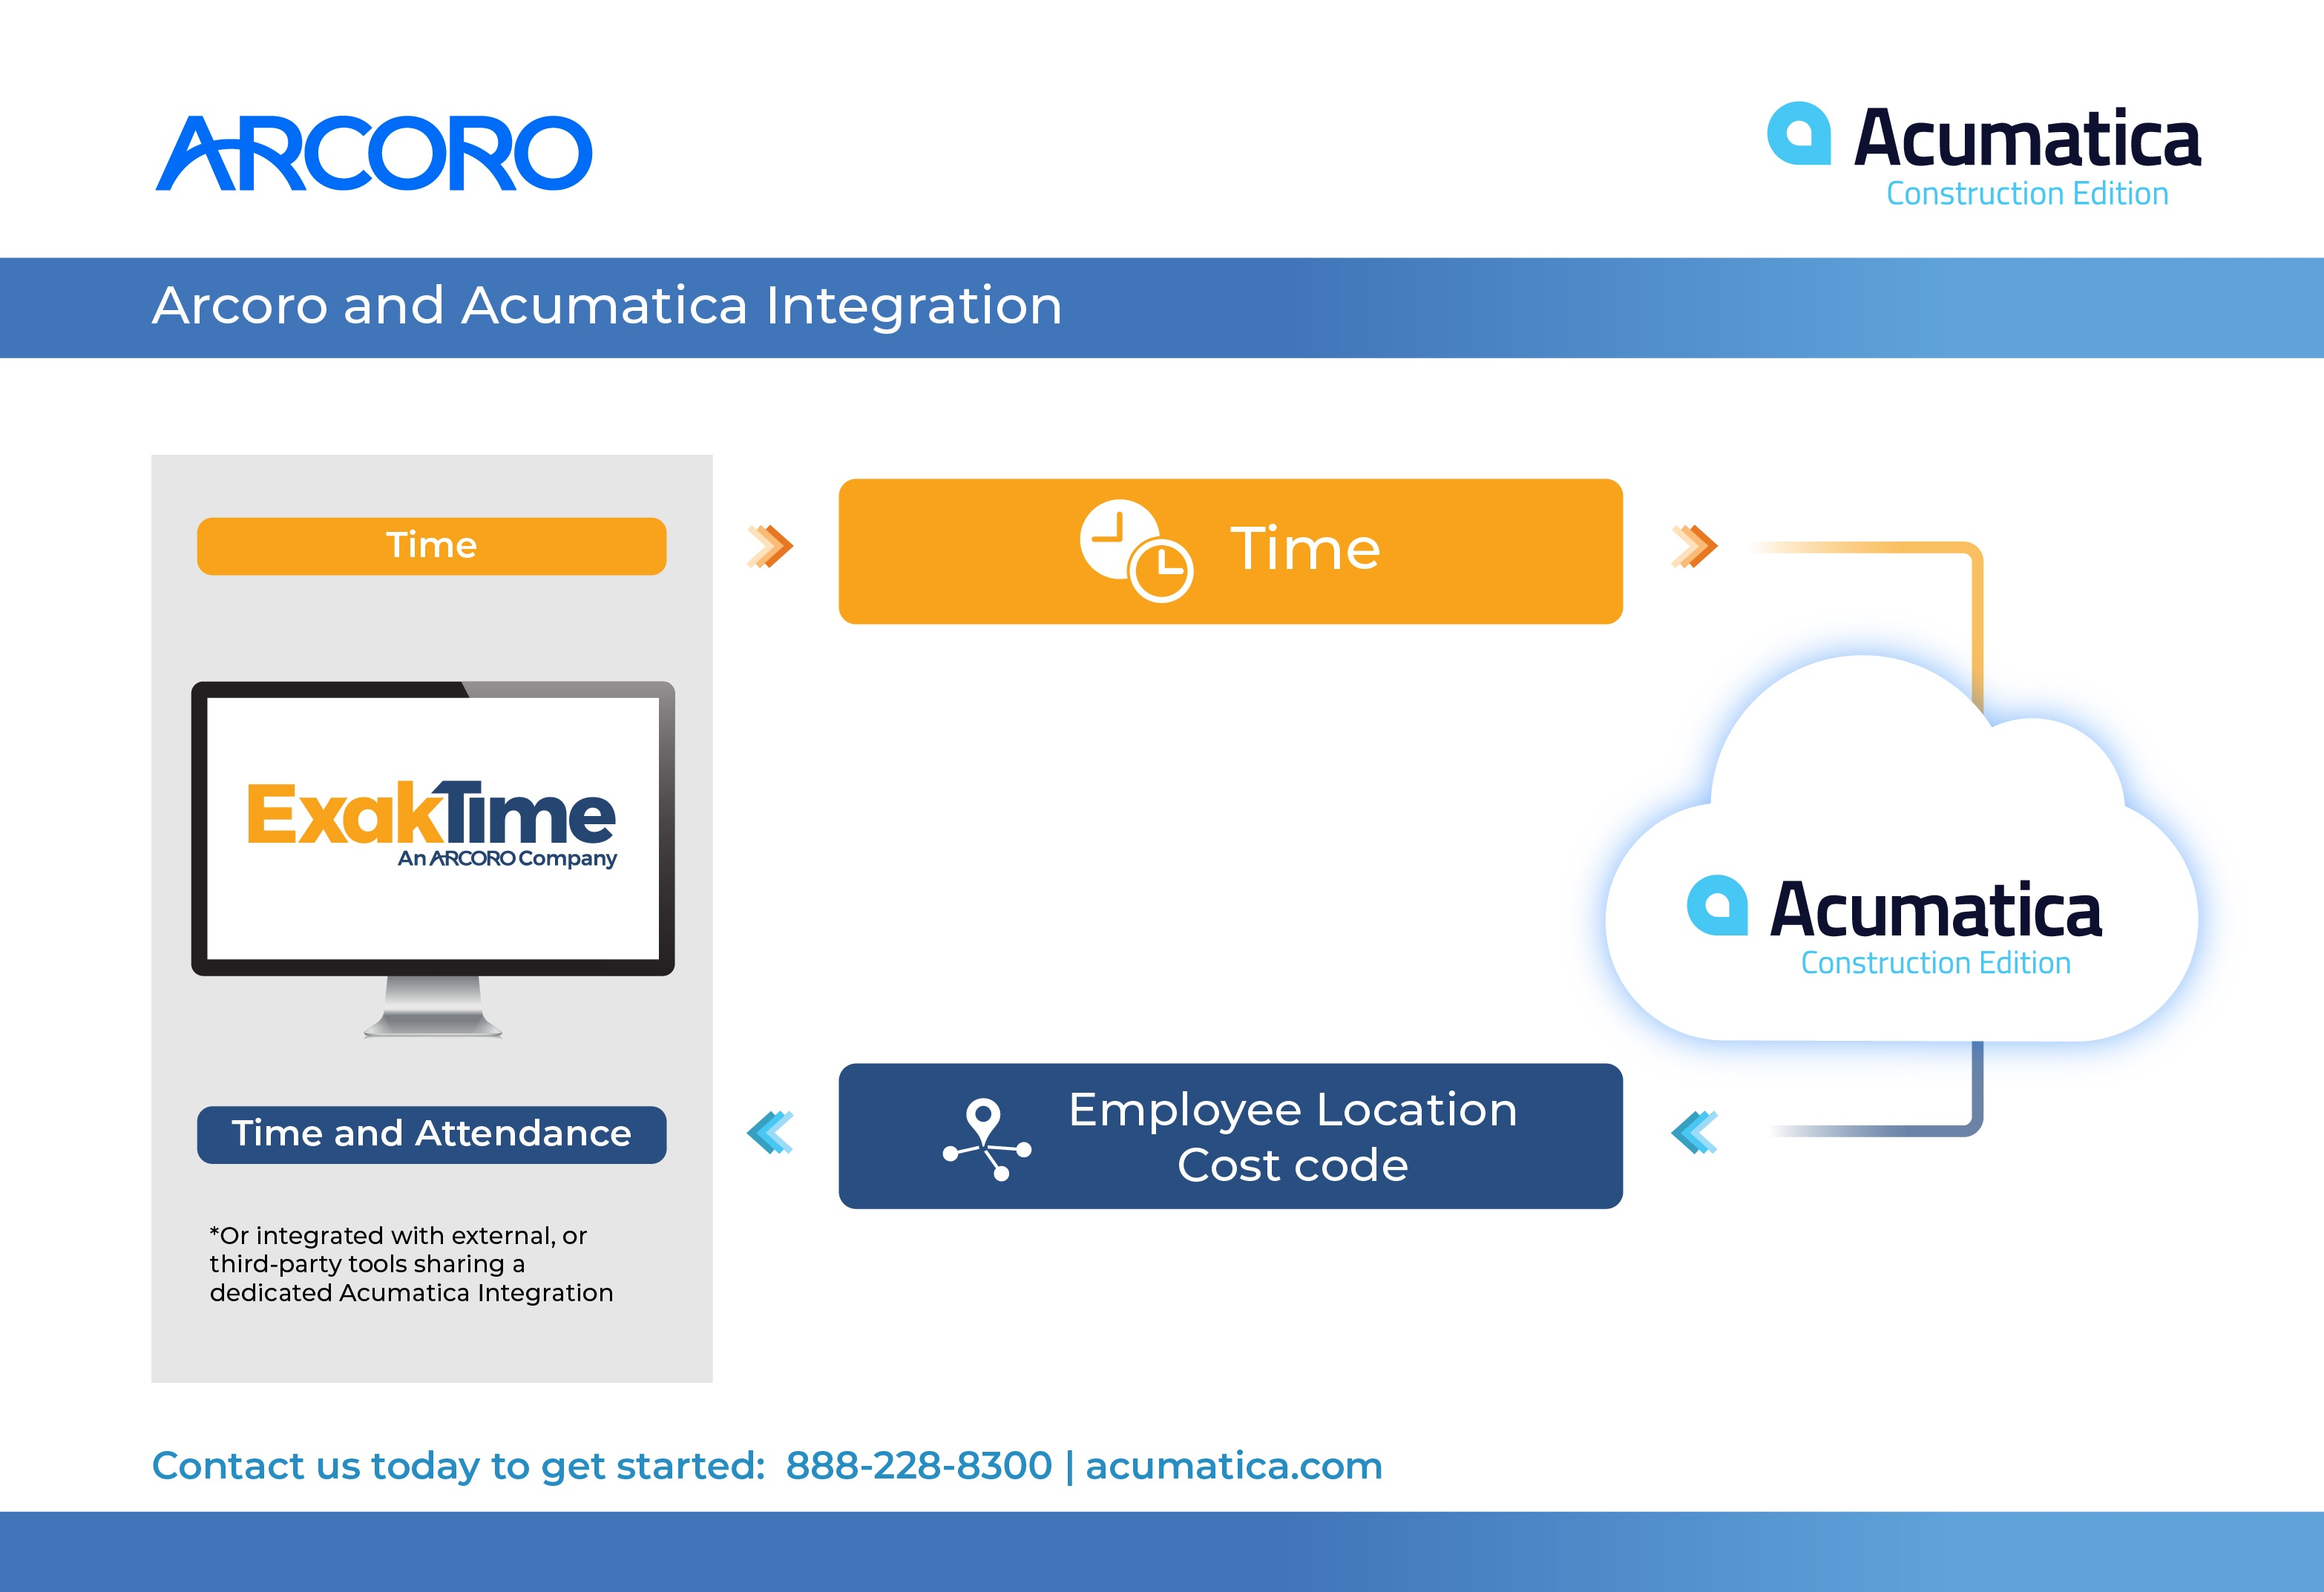 Arcoro Acumatica (ExakTime) Infographic_7.9.1_vv